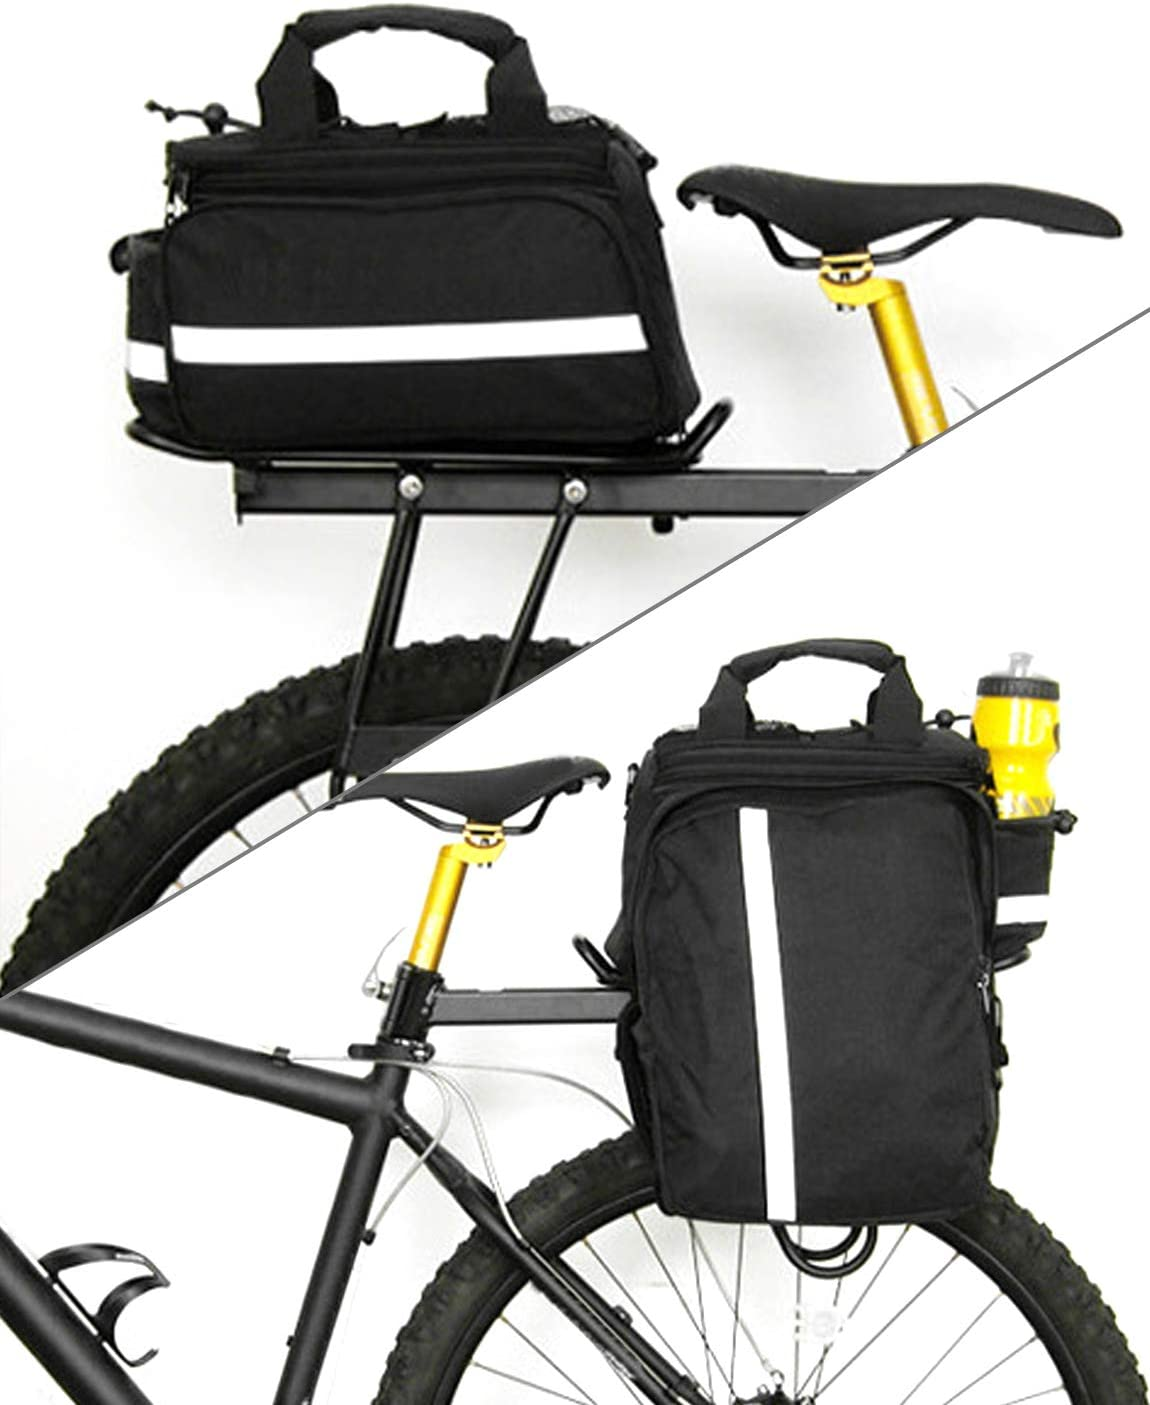 Flytise Borsa Posteriore per Bicicletta Borsa Multifunzione Impermeabile MTB per Bicicletta Borsa per Bici Portapacchi con Copertura Antipioggia